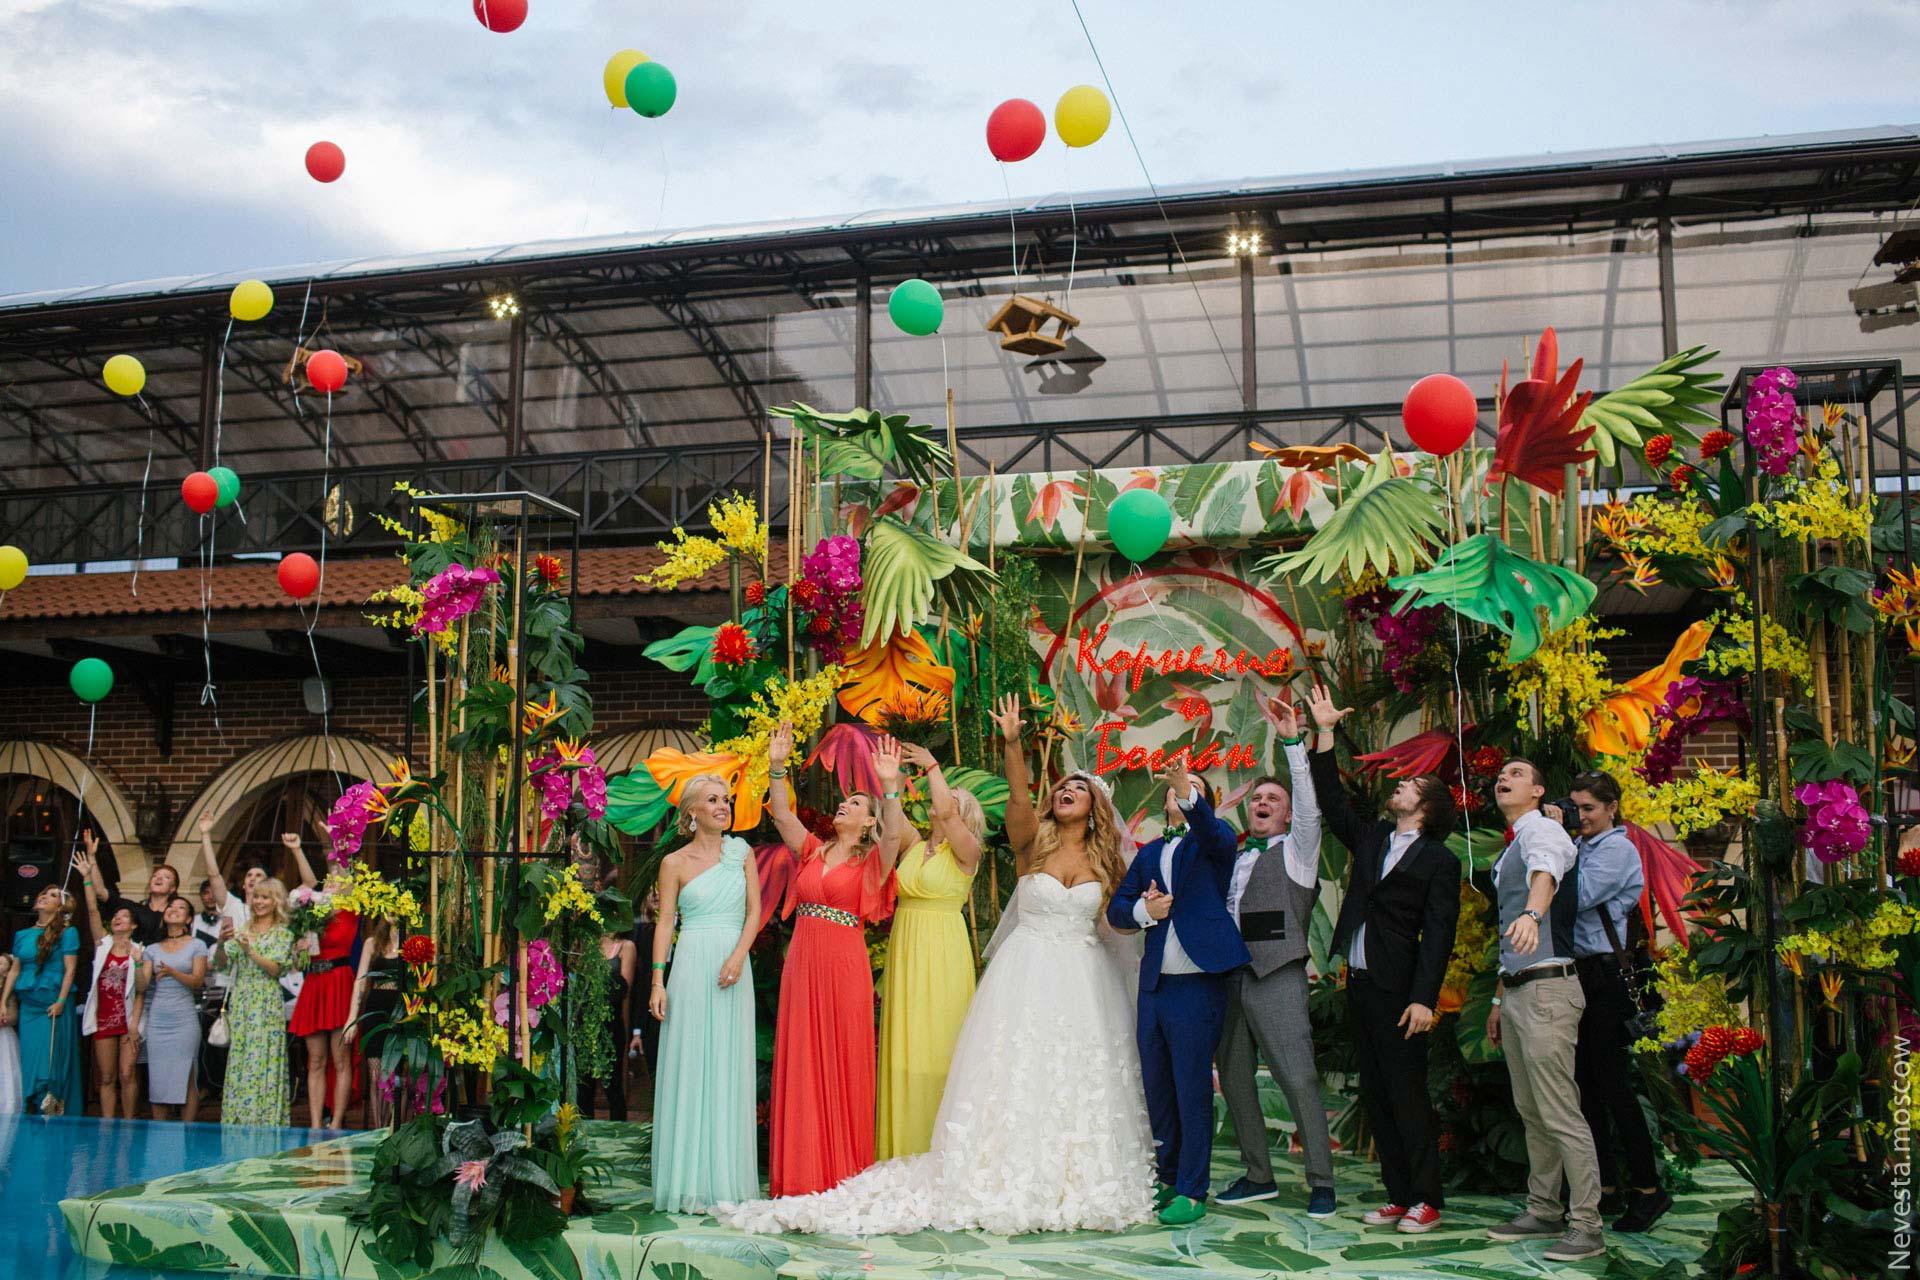 Экзотическая Ямайка. Свадьба Корнелии Манго и Богдана Дюрдя фото 30